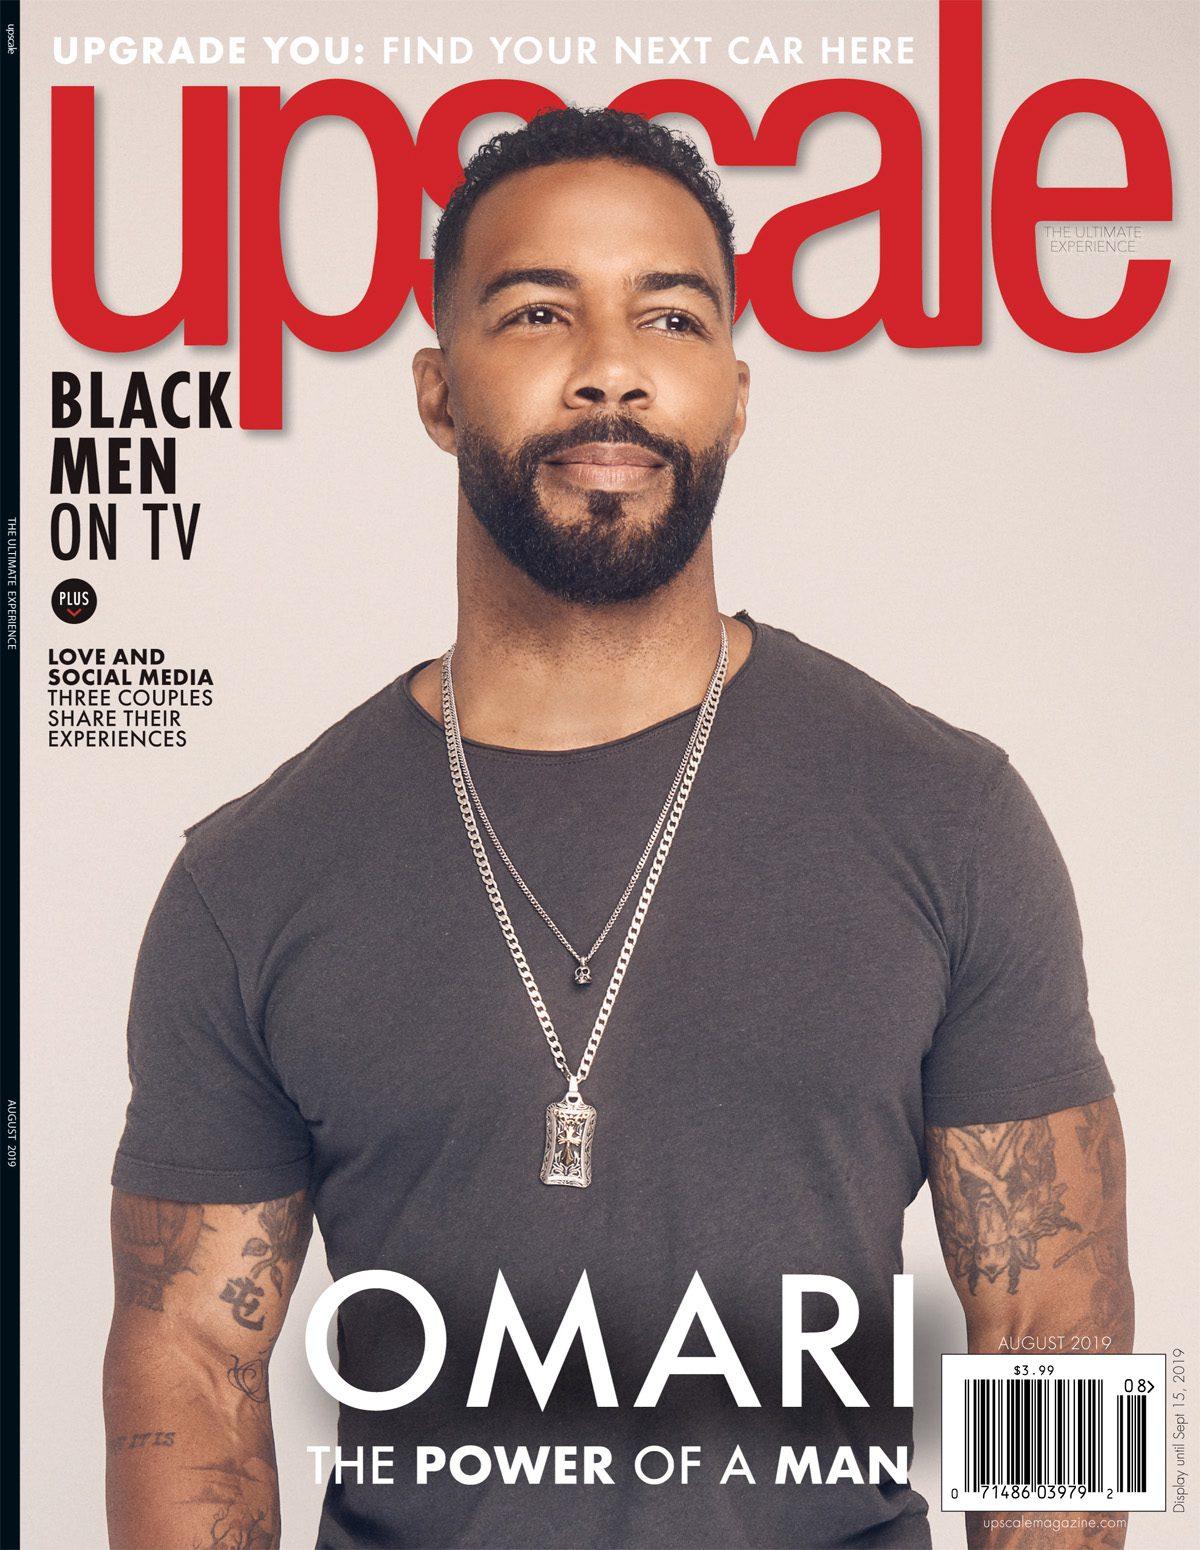 Omari Hardwick Upscale Magazine Cover Image.jpeg